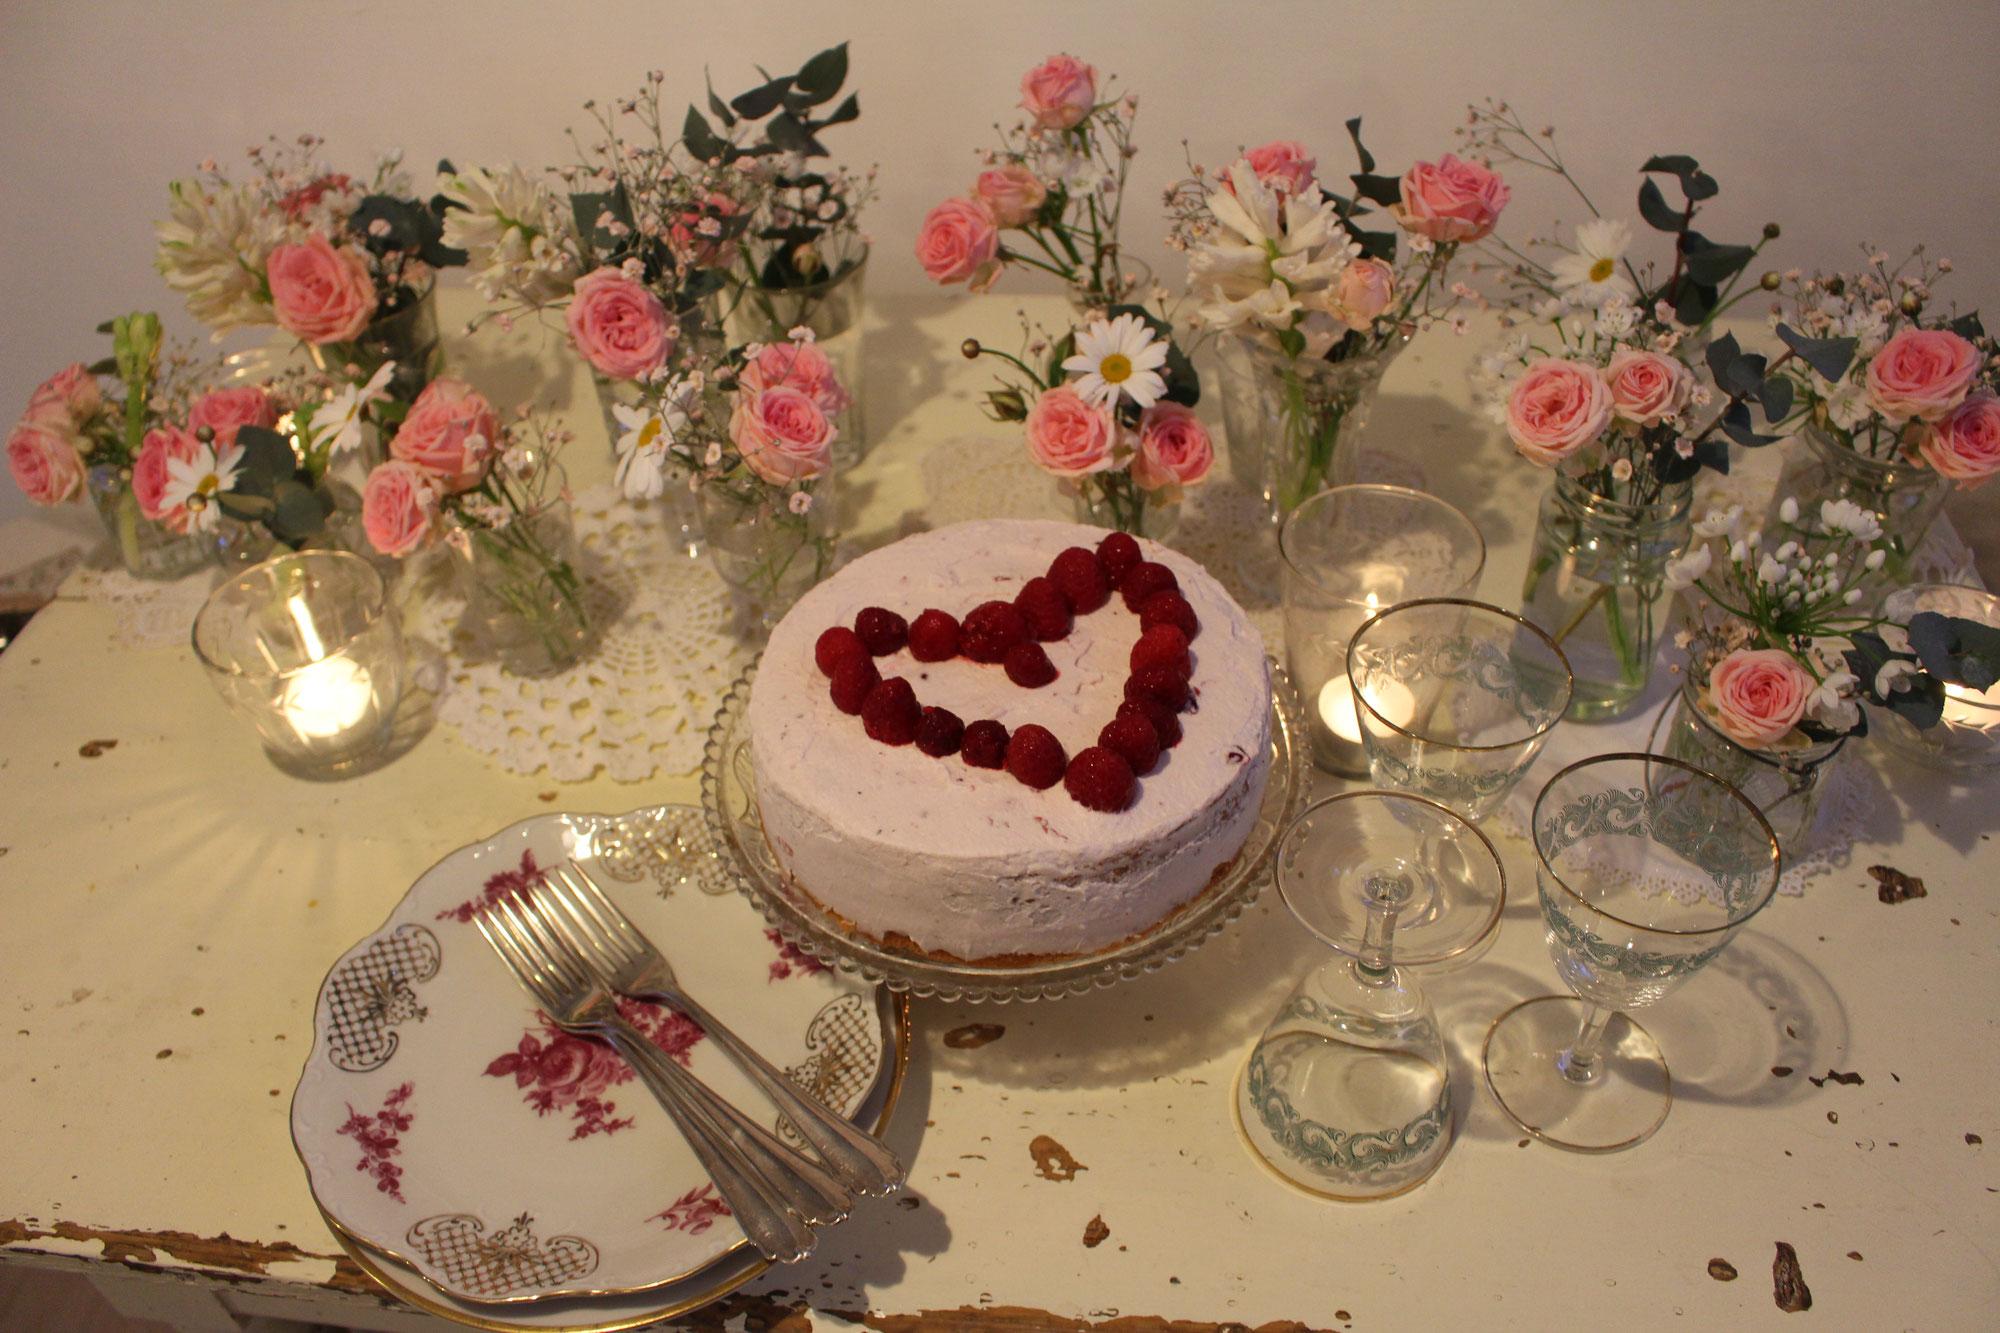 Torte zum Muttertag und Blumendekoration